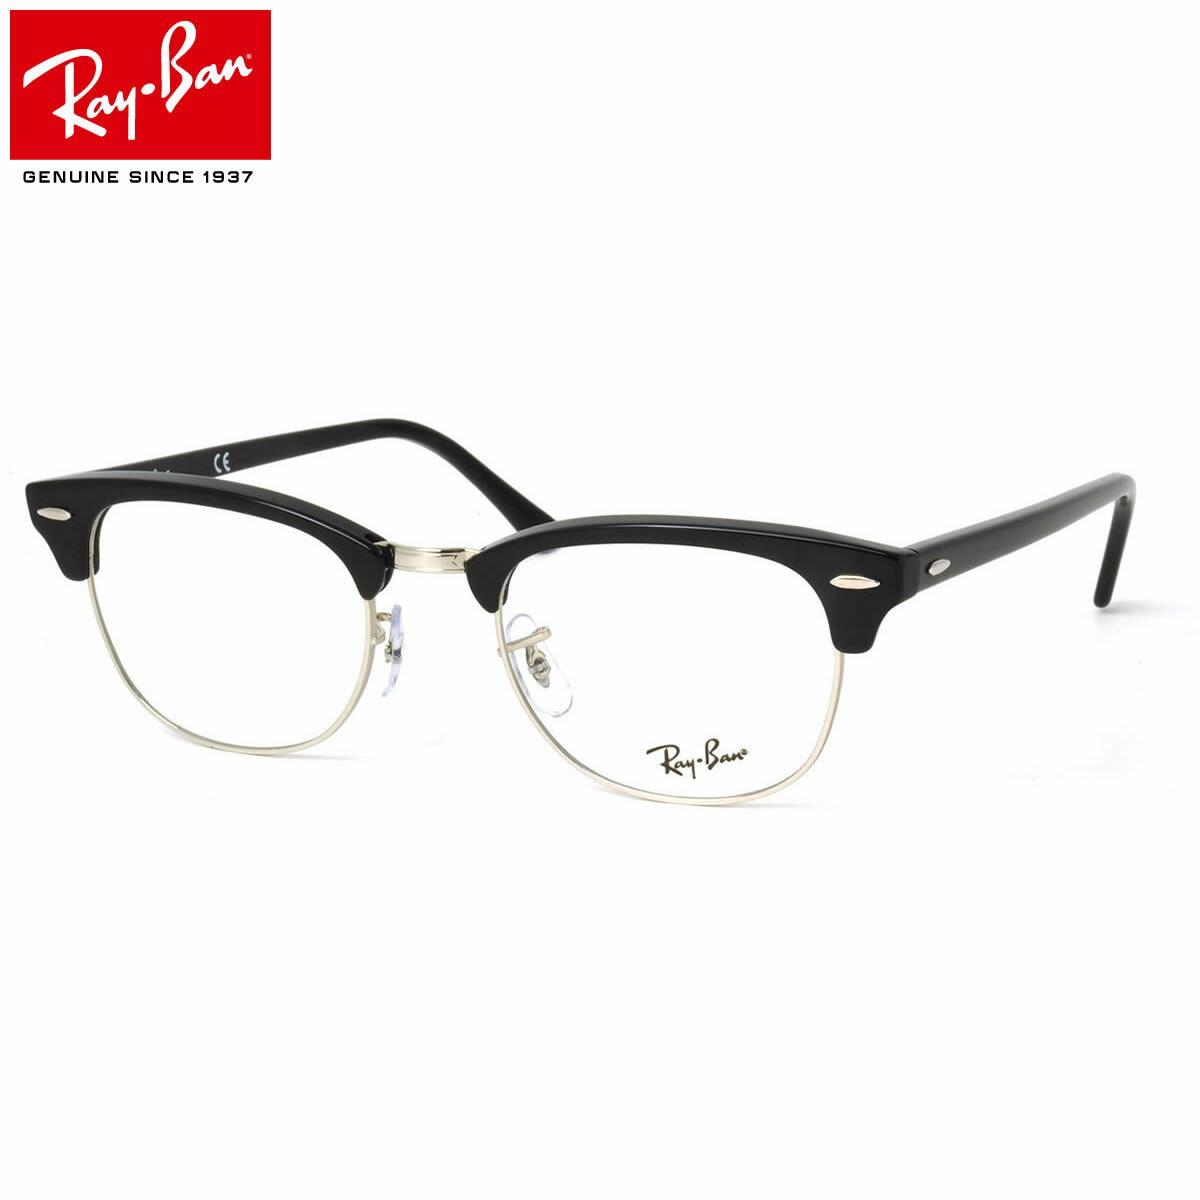 レイバン クラブマスター メガネ フレーム Ray-Ban RX5154 2000 49サイズ 伊達メガネ フレーム 度付き レイバン RAYBAN CLUB MASTER メンズ レディース